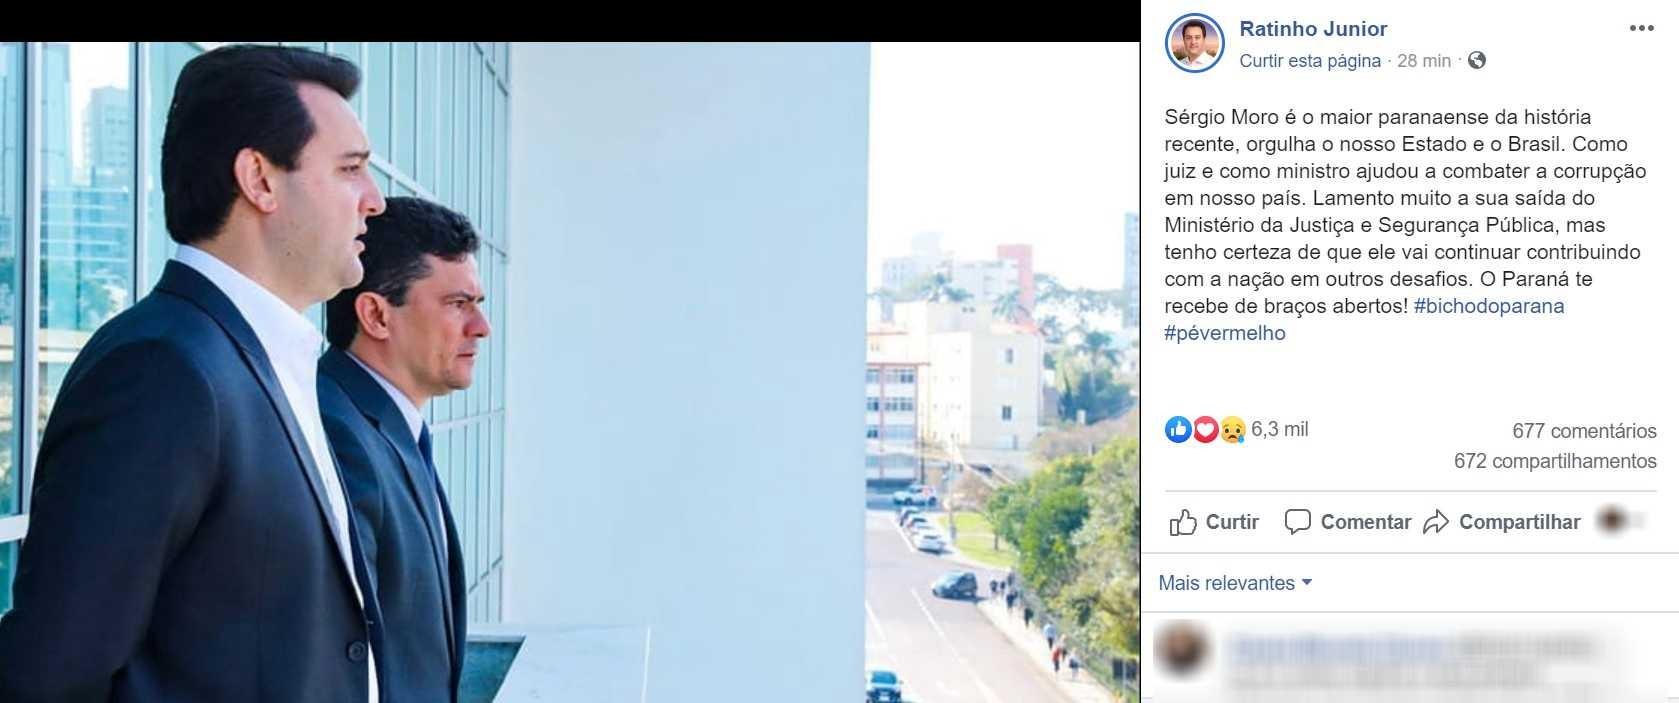 Ratinho Junior lamenta saída de Sergio Moro de Ministério da Justiça e Segurança Pública